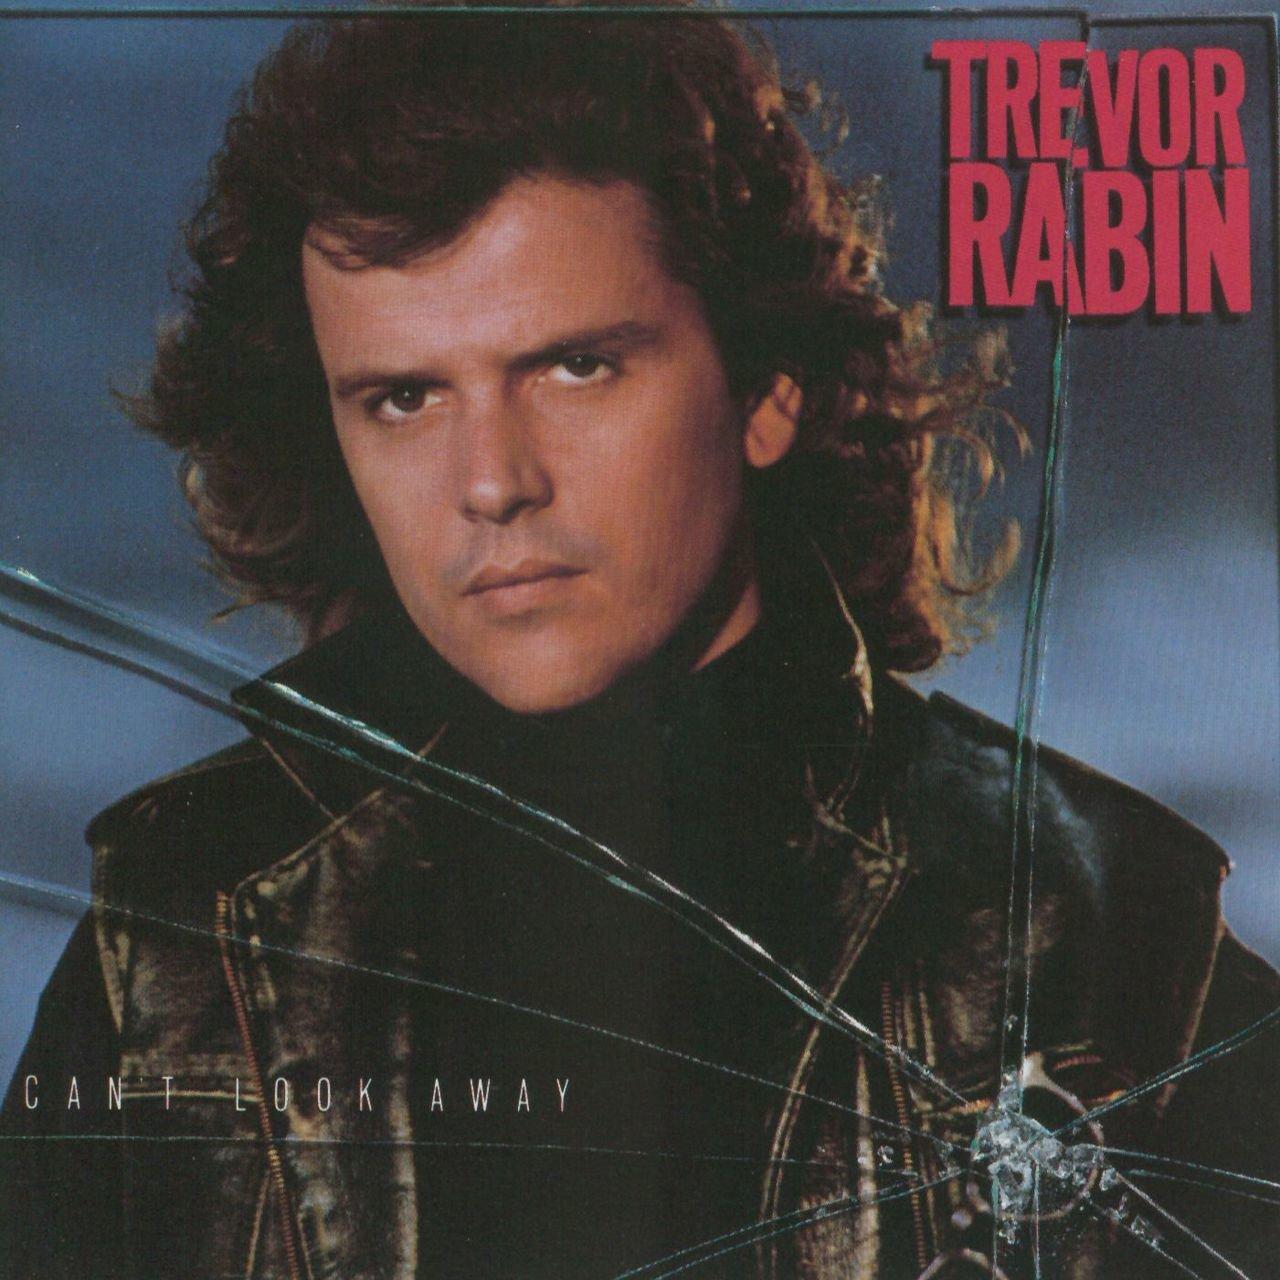 1989 Trevor Rabin - Can't Look Away - Jacek Borawski